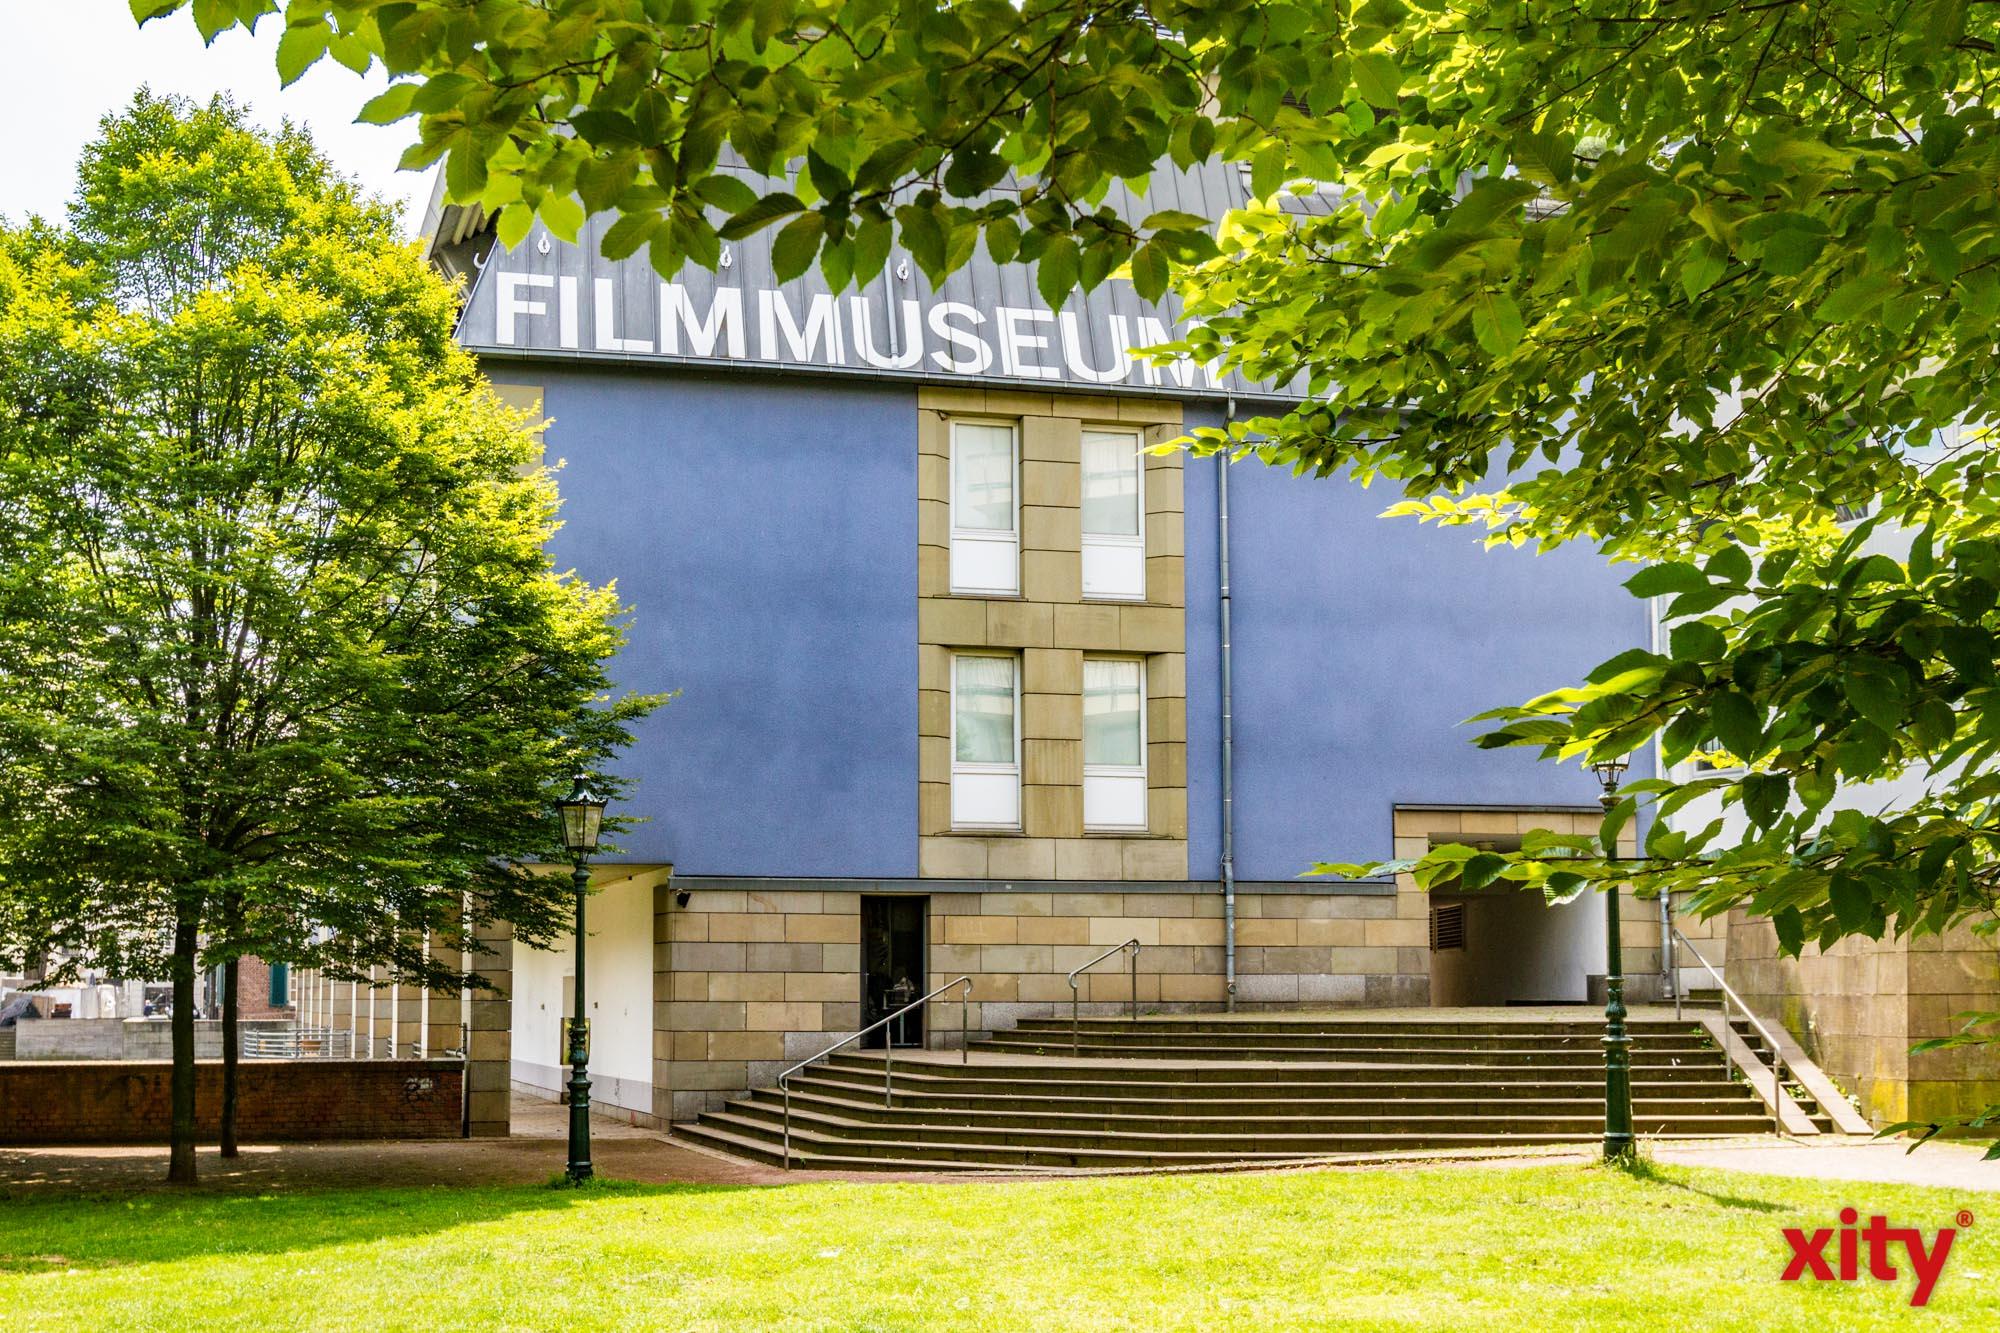 Filmmuseum Düsseldorf: Virtuelle Führung in arabischer Sprache (Foto: xity)